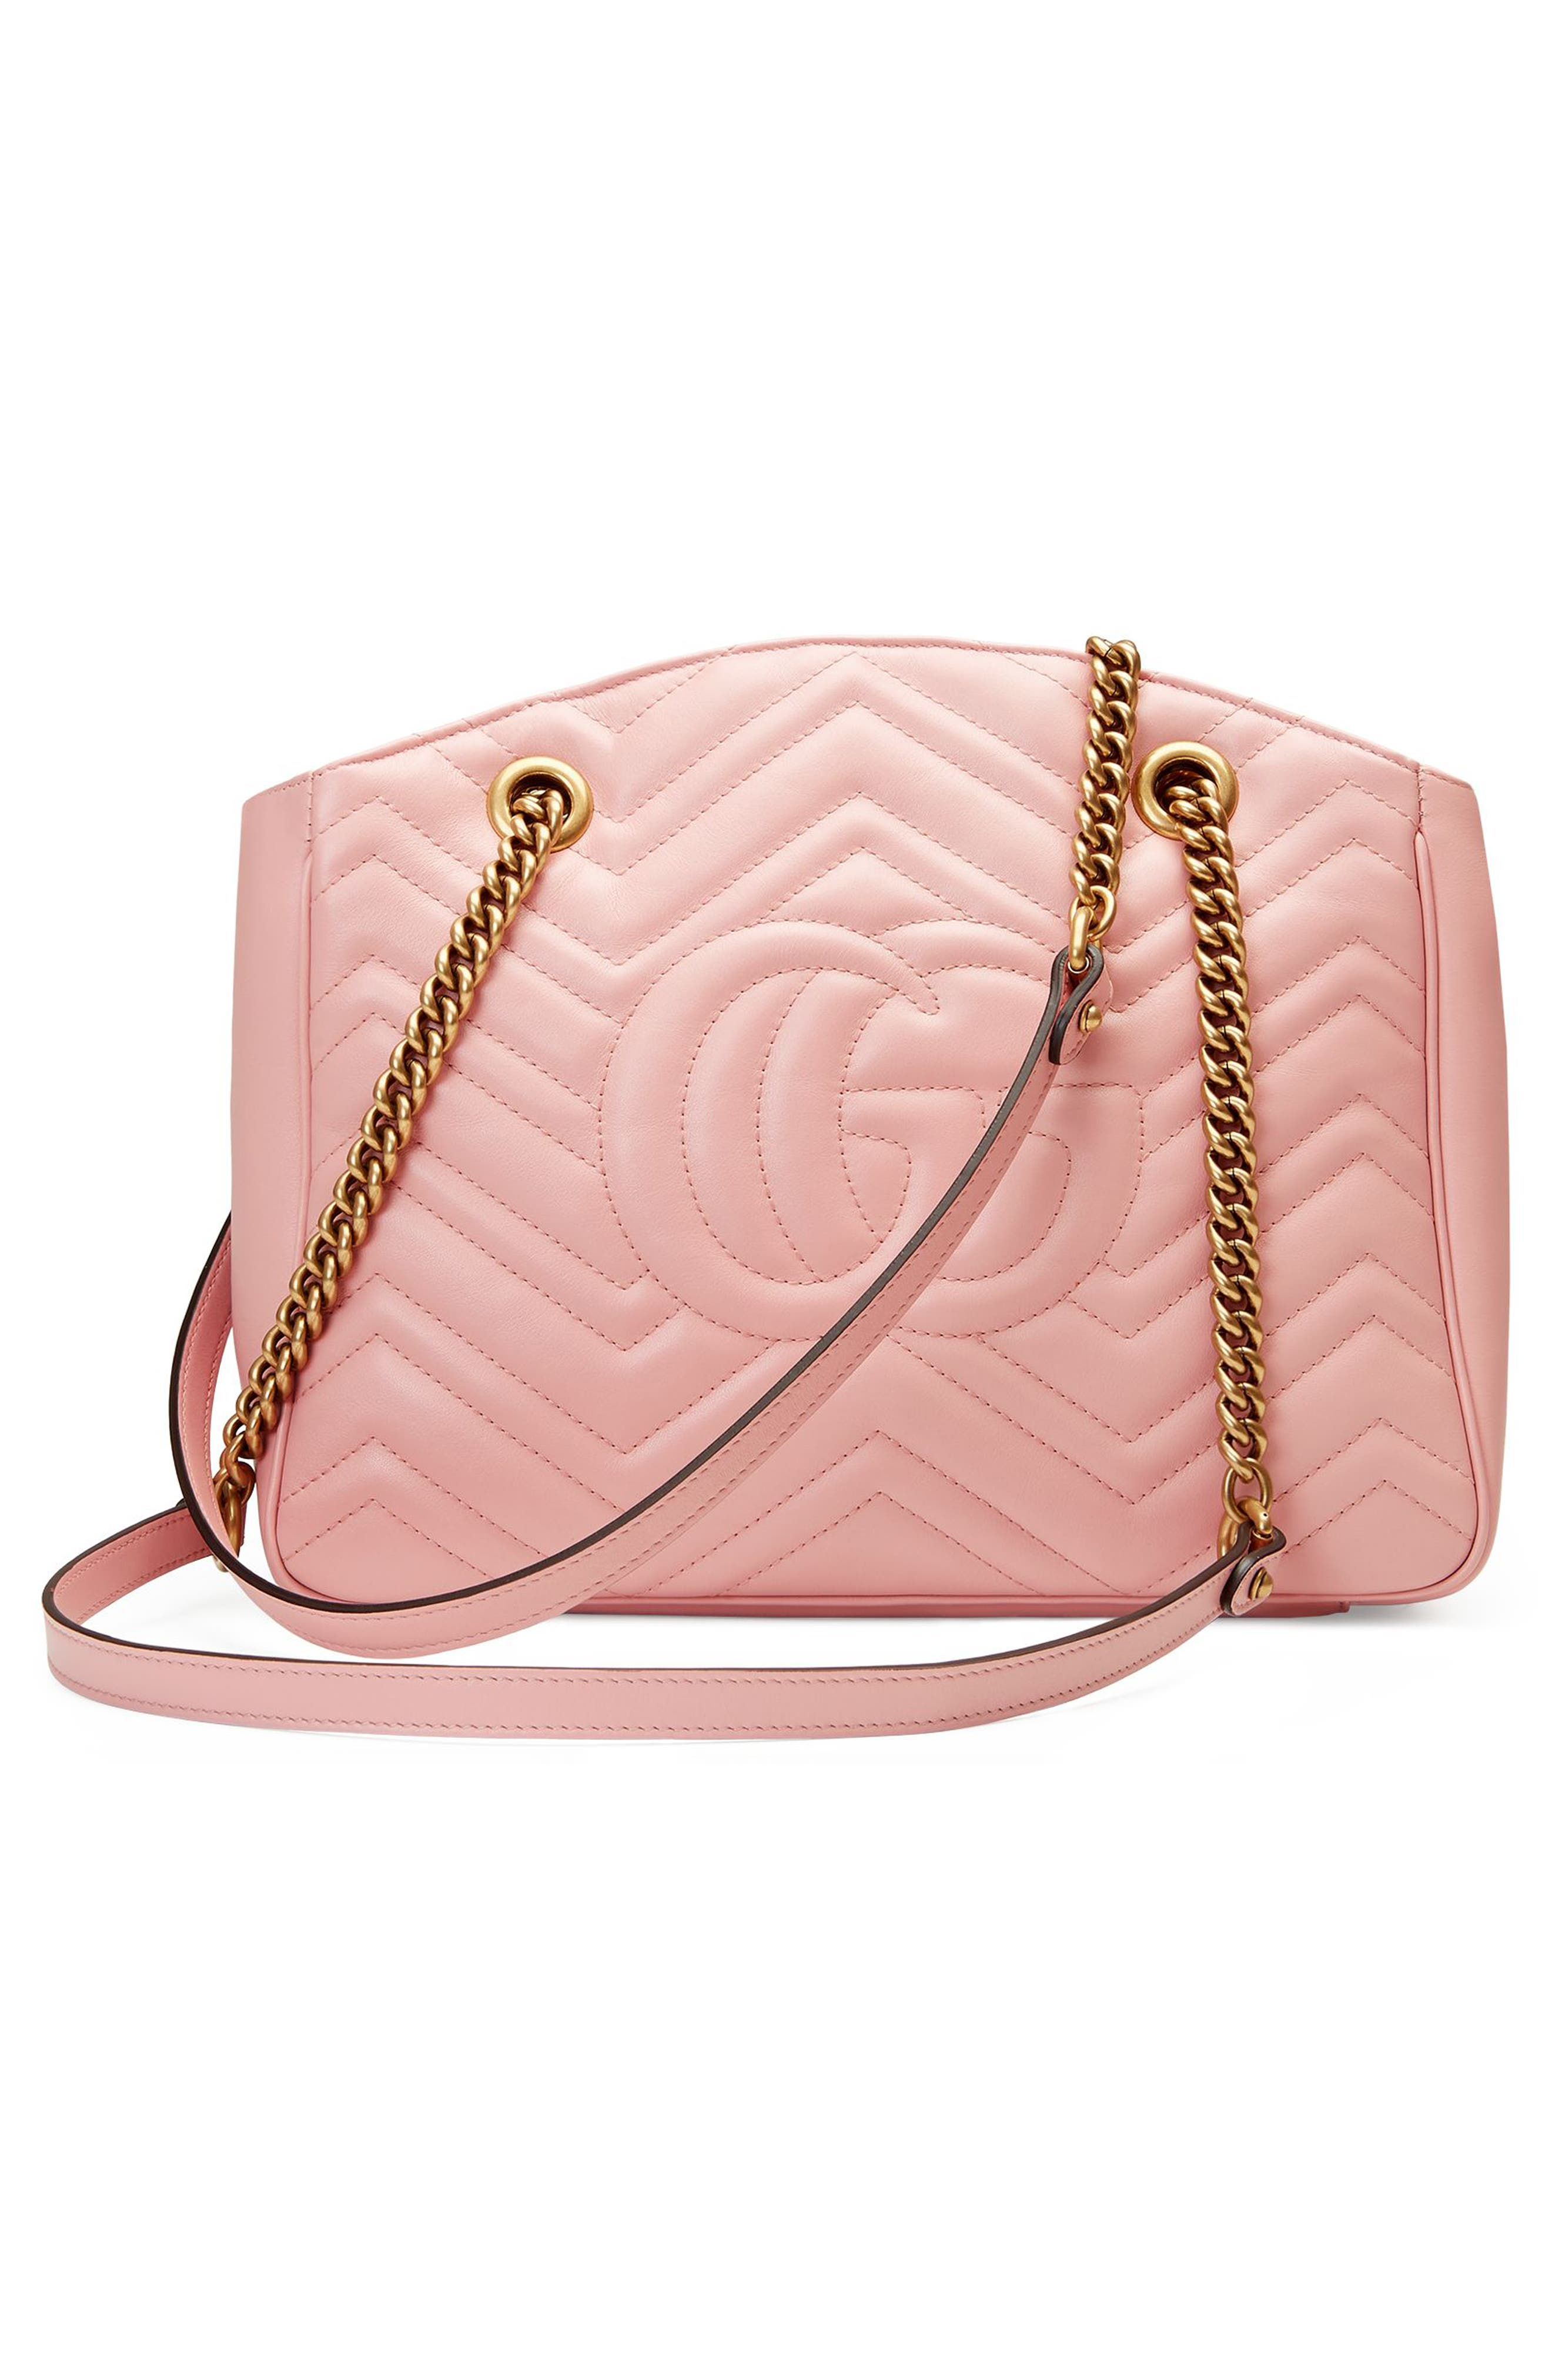 GG Marmont Matelassé Leather Shoulder Bag,                             Alternate thumbnail 2, color,                             Perfect Pink